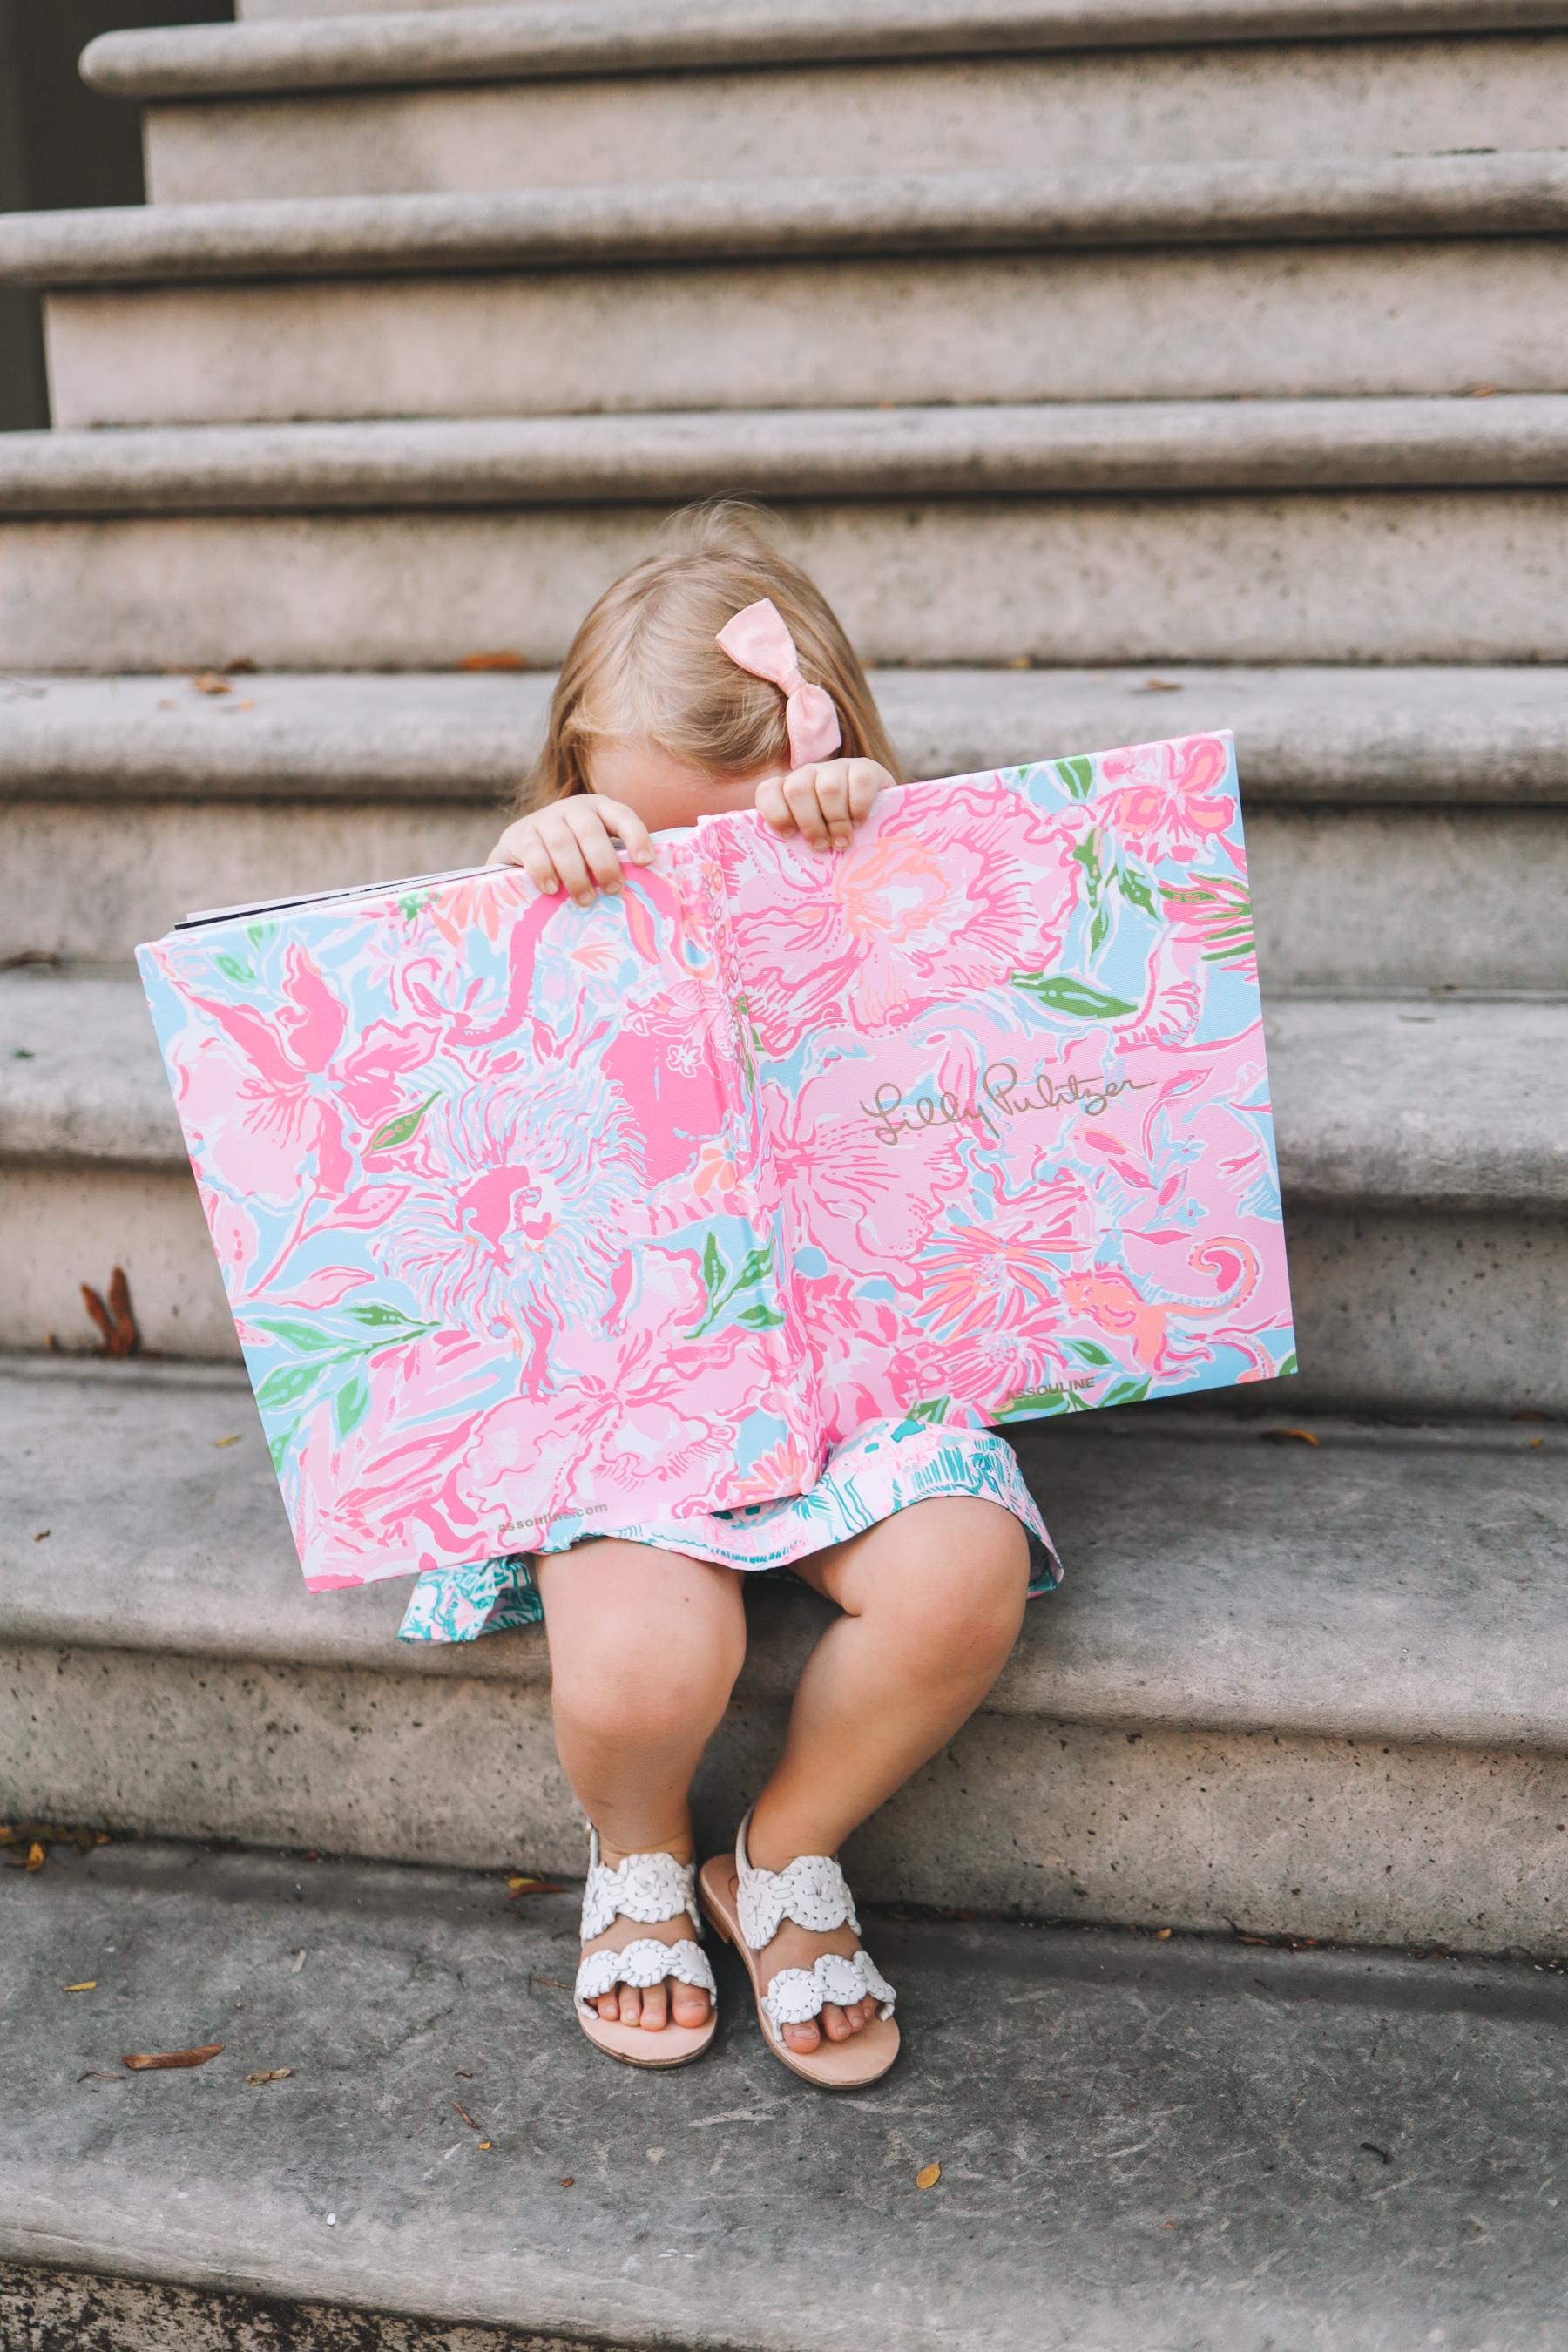 a girl hiding behind a floral book